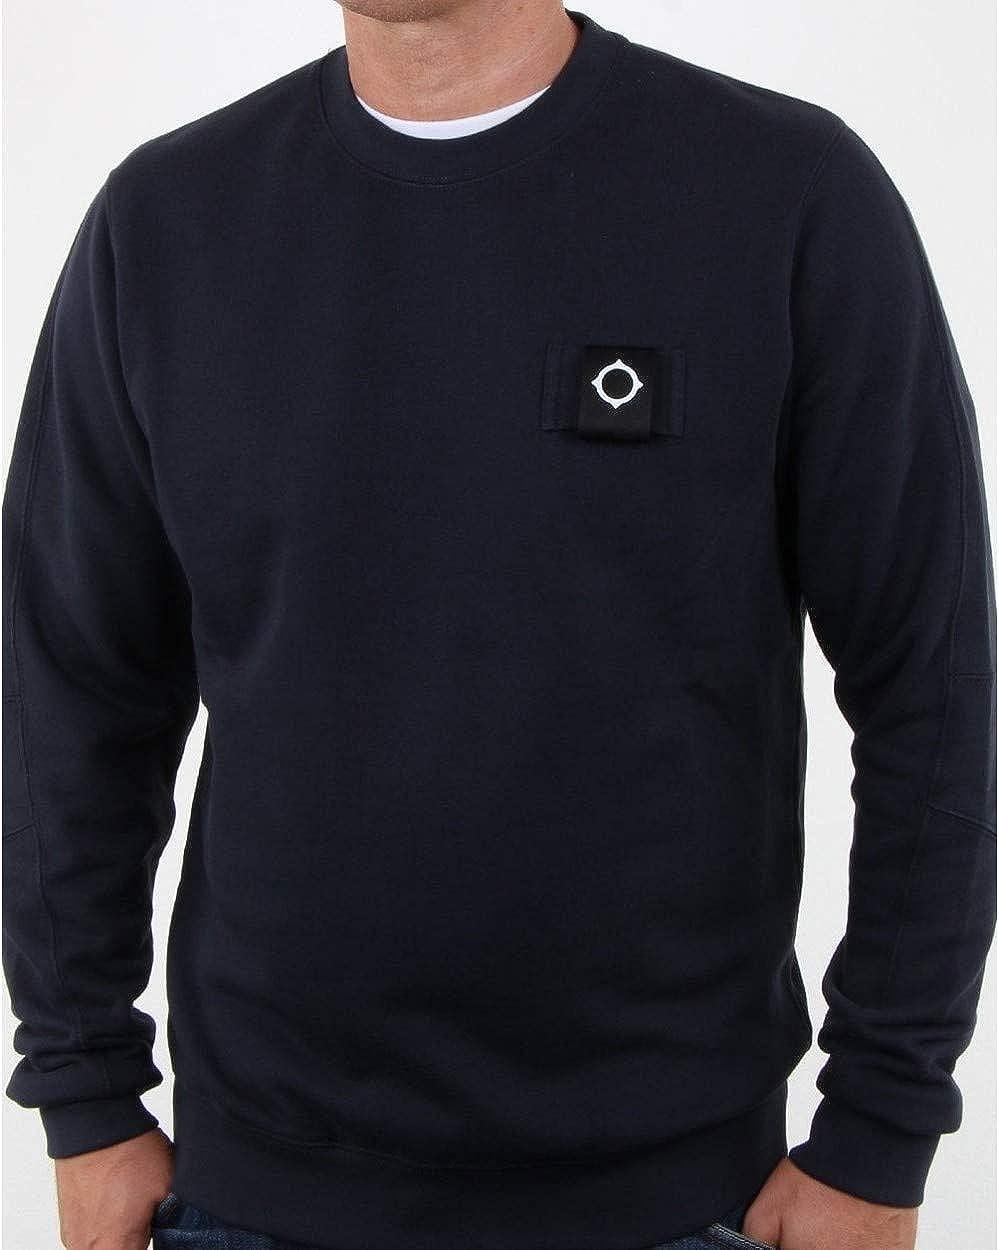 Ma.Strum - MA Strum-Pullover in Marineblau Kohlenstoffblau